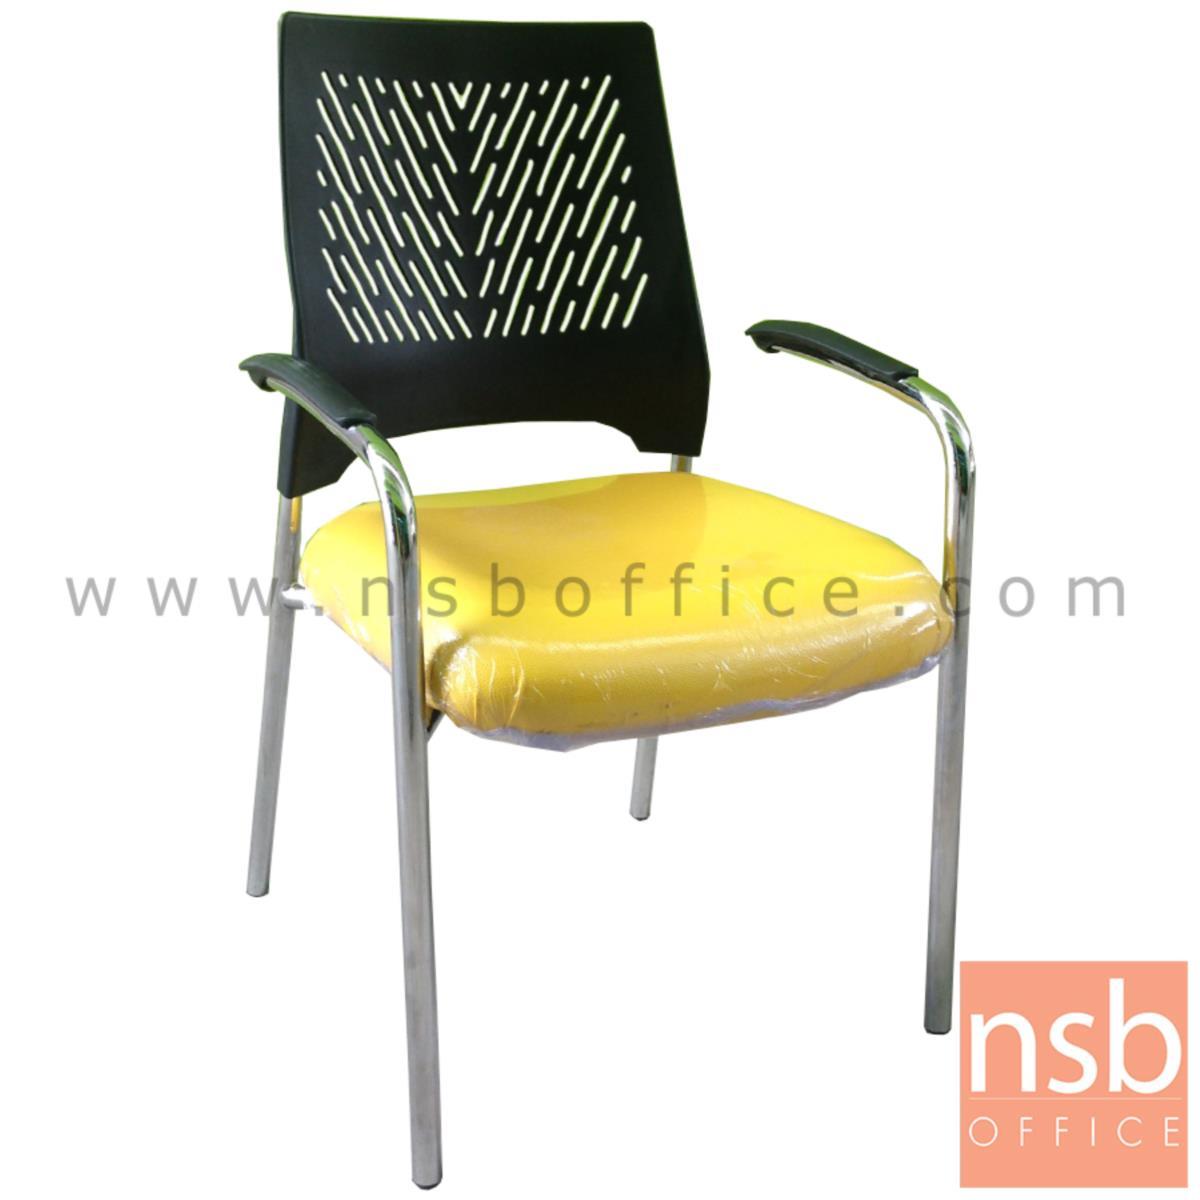 B04A088:เก้าอี้รับแขกหลังเปลือกโพลี่ รุ่น Keith (คีธ)  ขาเหล็กชุบโครเมี่ยม